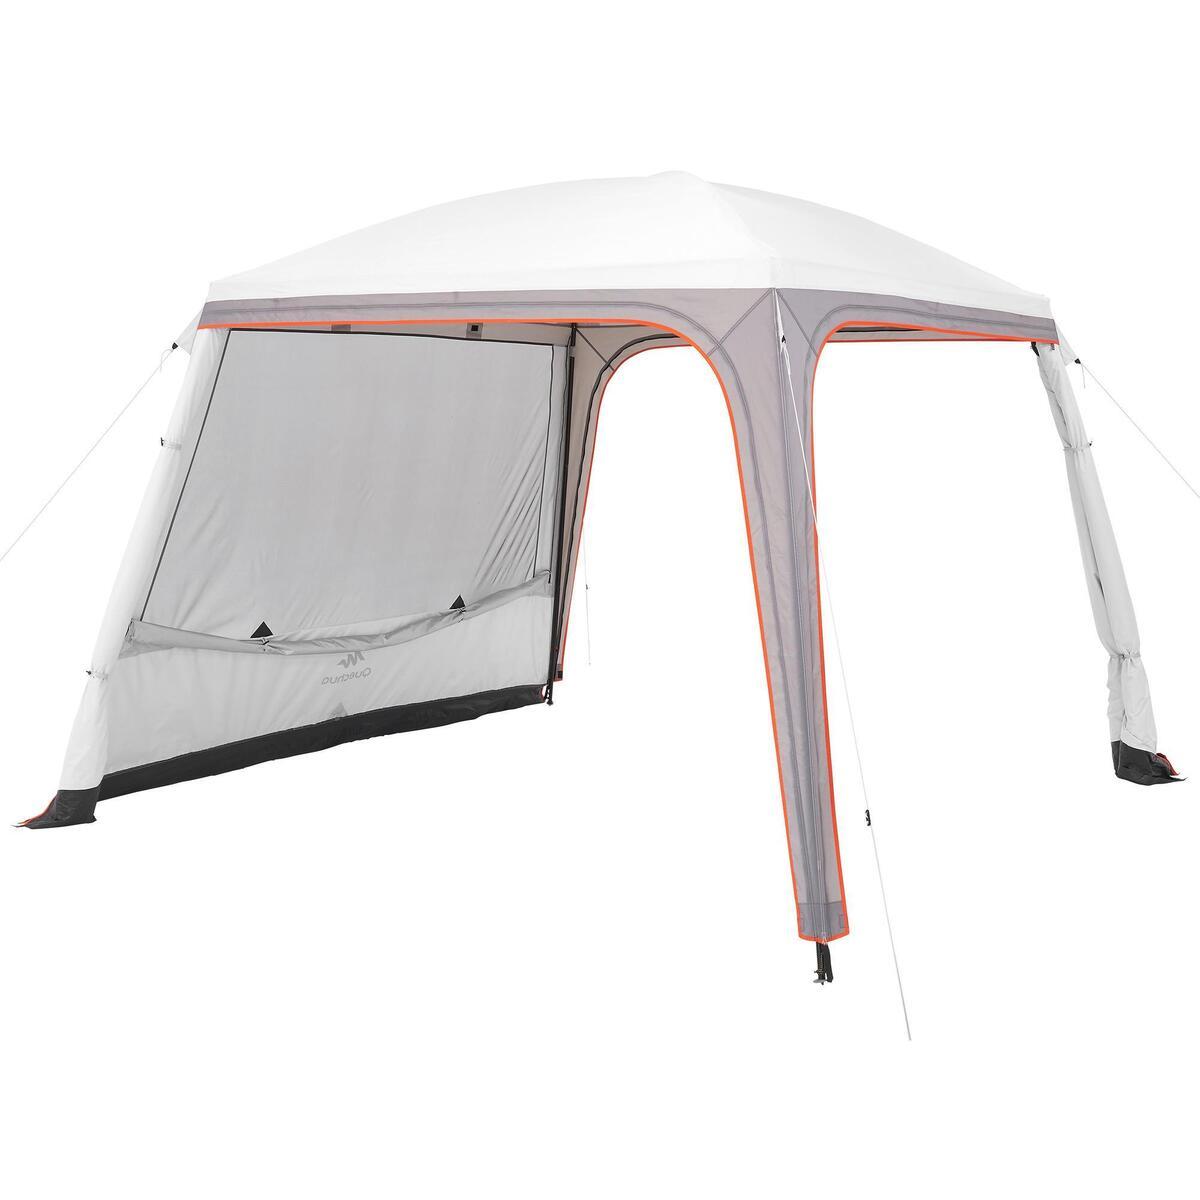 Bild 4 von Pavillon Arpenaz 3 נ3 m mit Türen 10 Personen Camping LSF 50+ Fresh&Black weiß